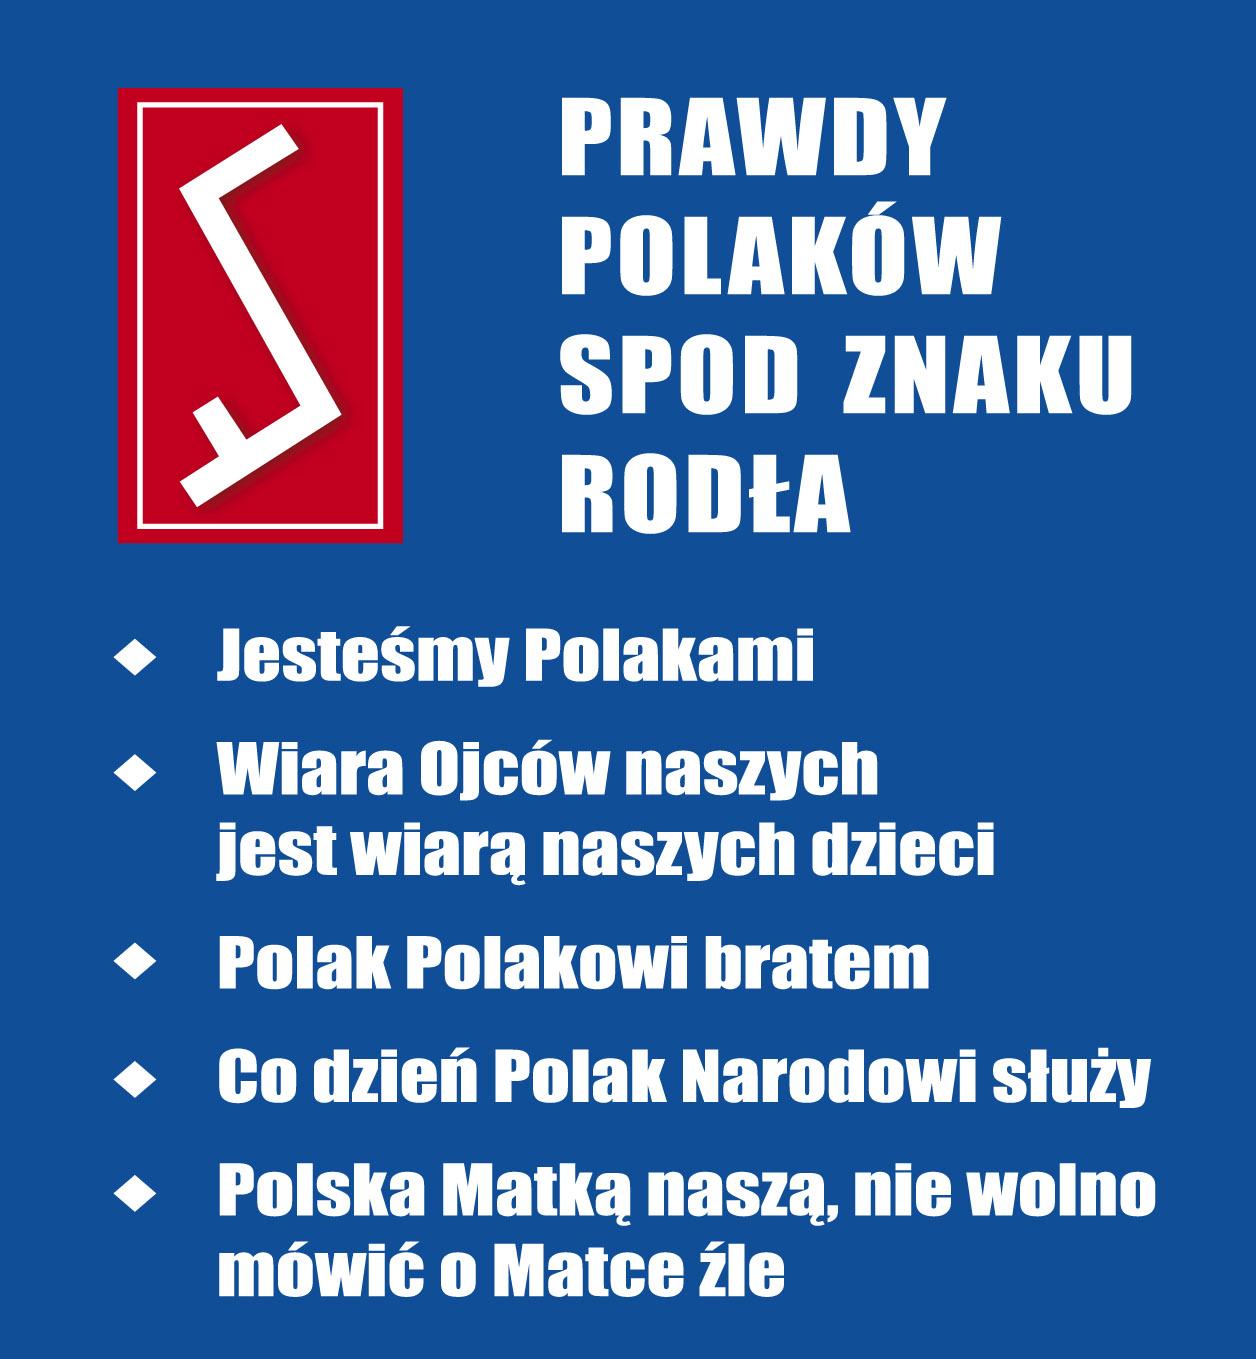 Prawdy Polaków.